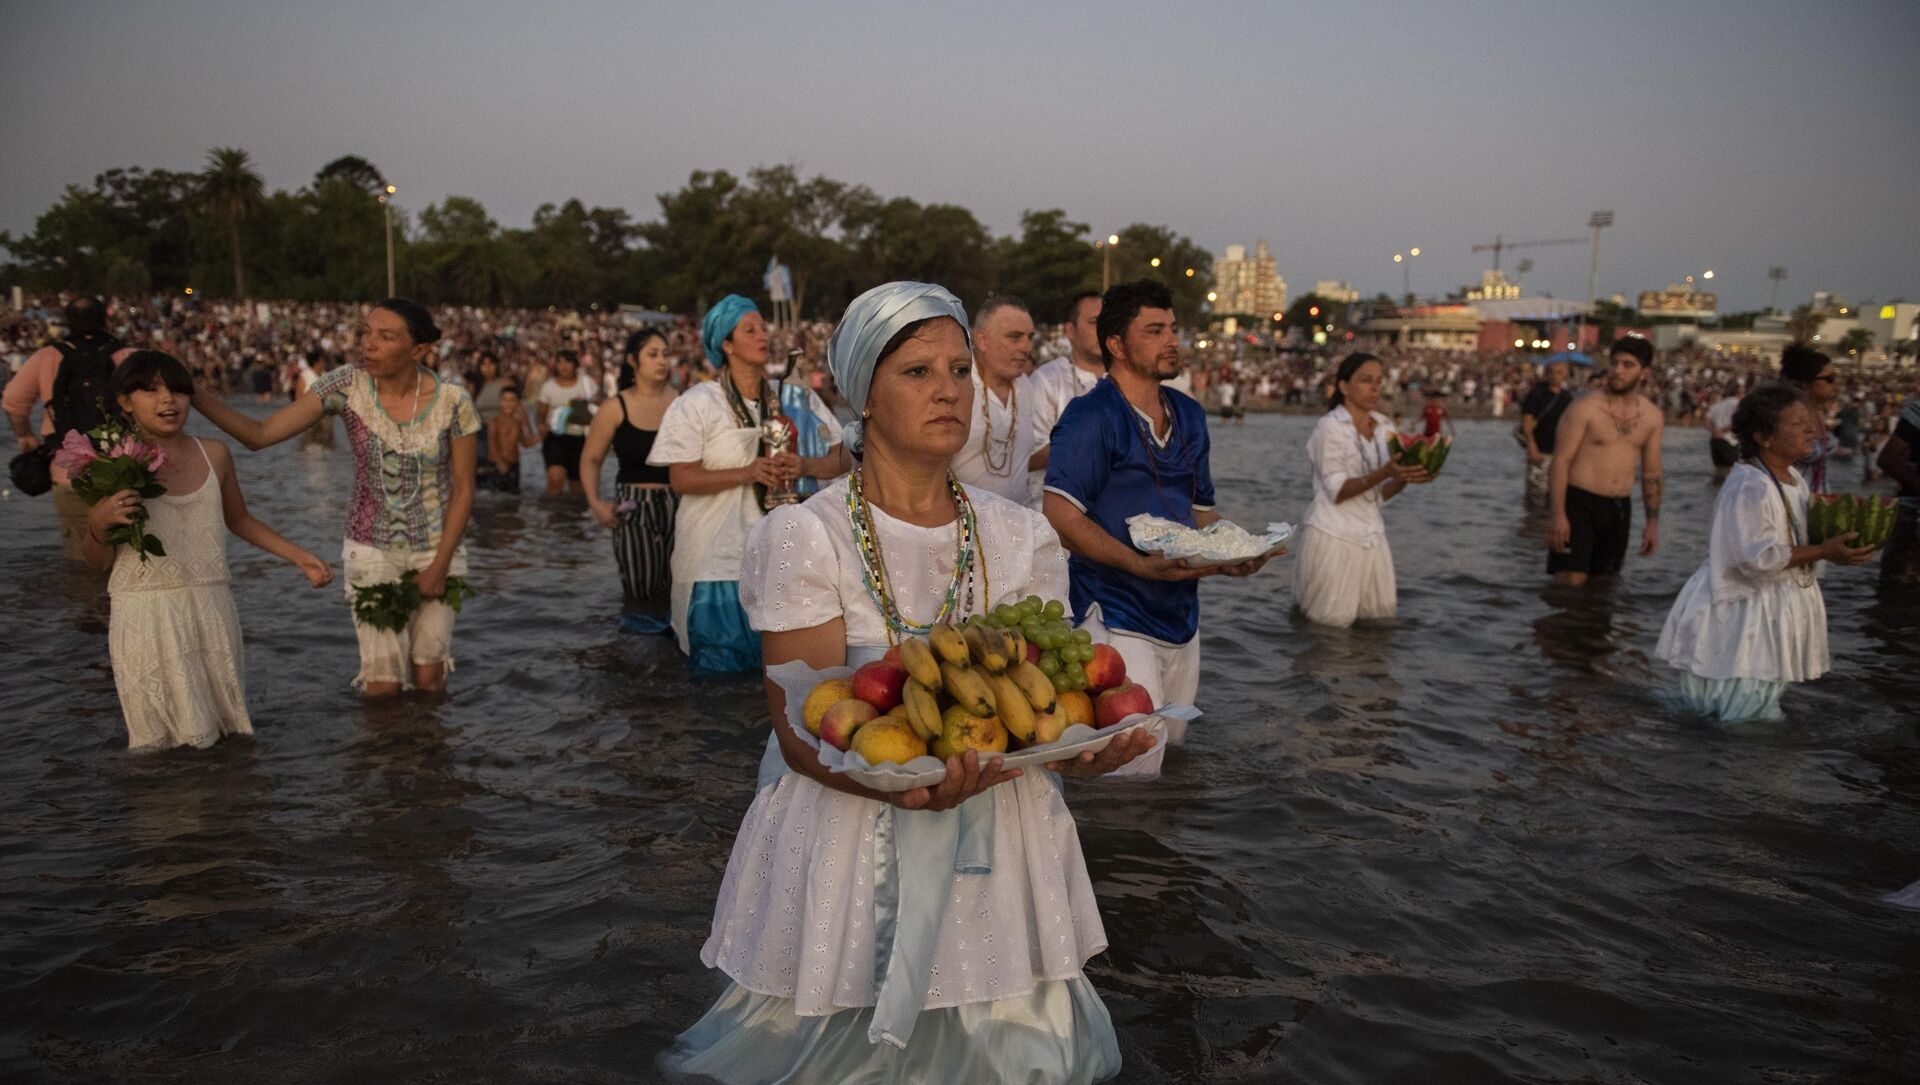 Celebración de Iemanjá el 2 de febrero en una playa de Montevideo, Uruguay - Sputnik Mundo, 1920, 05.02.2020